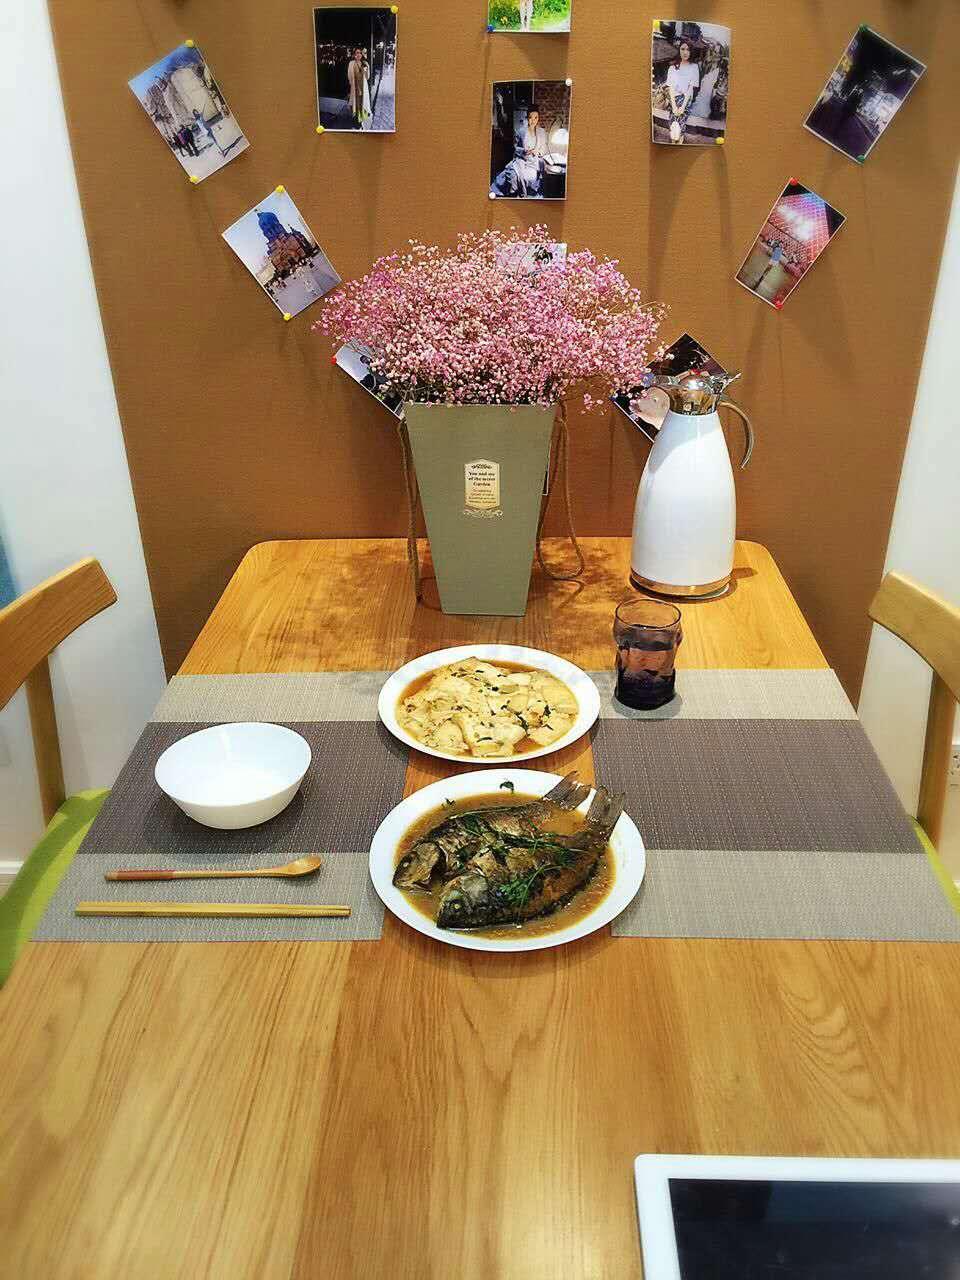 做上几道好菜,在这样的环境里用餐,辛福感也慢慢洋溢心头。